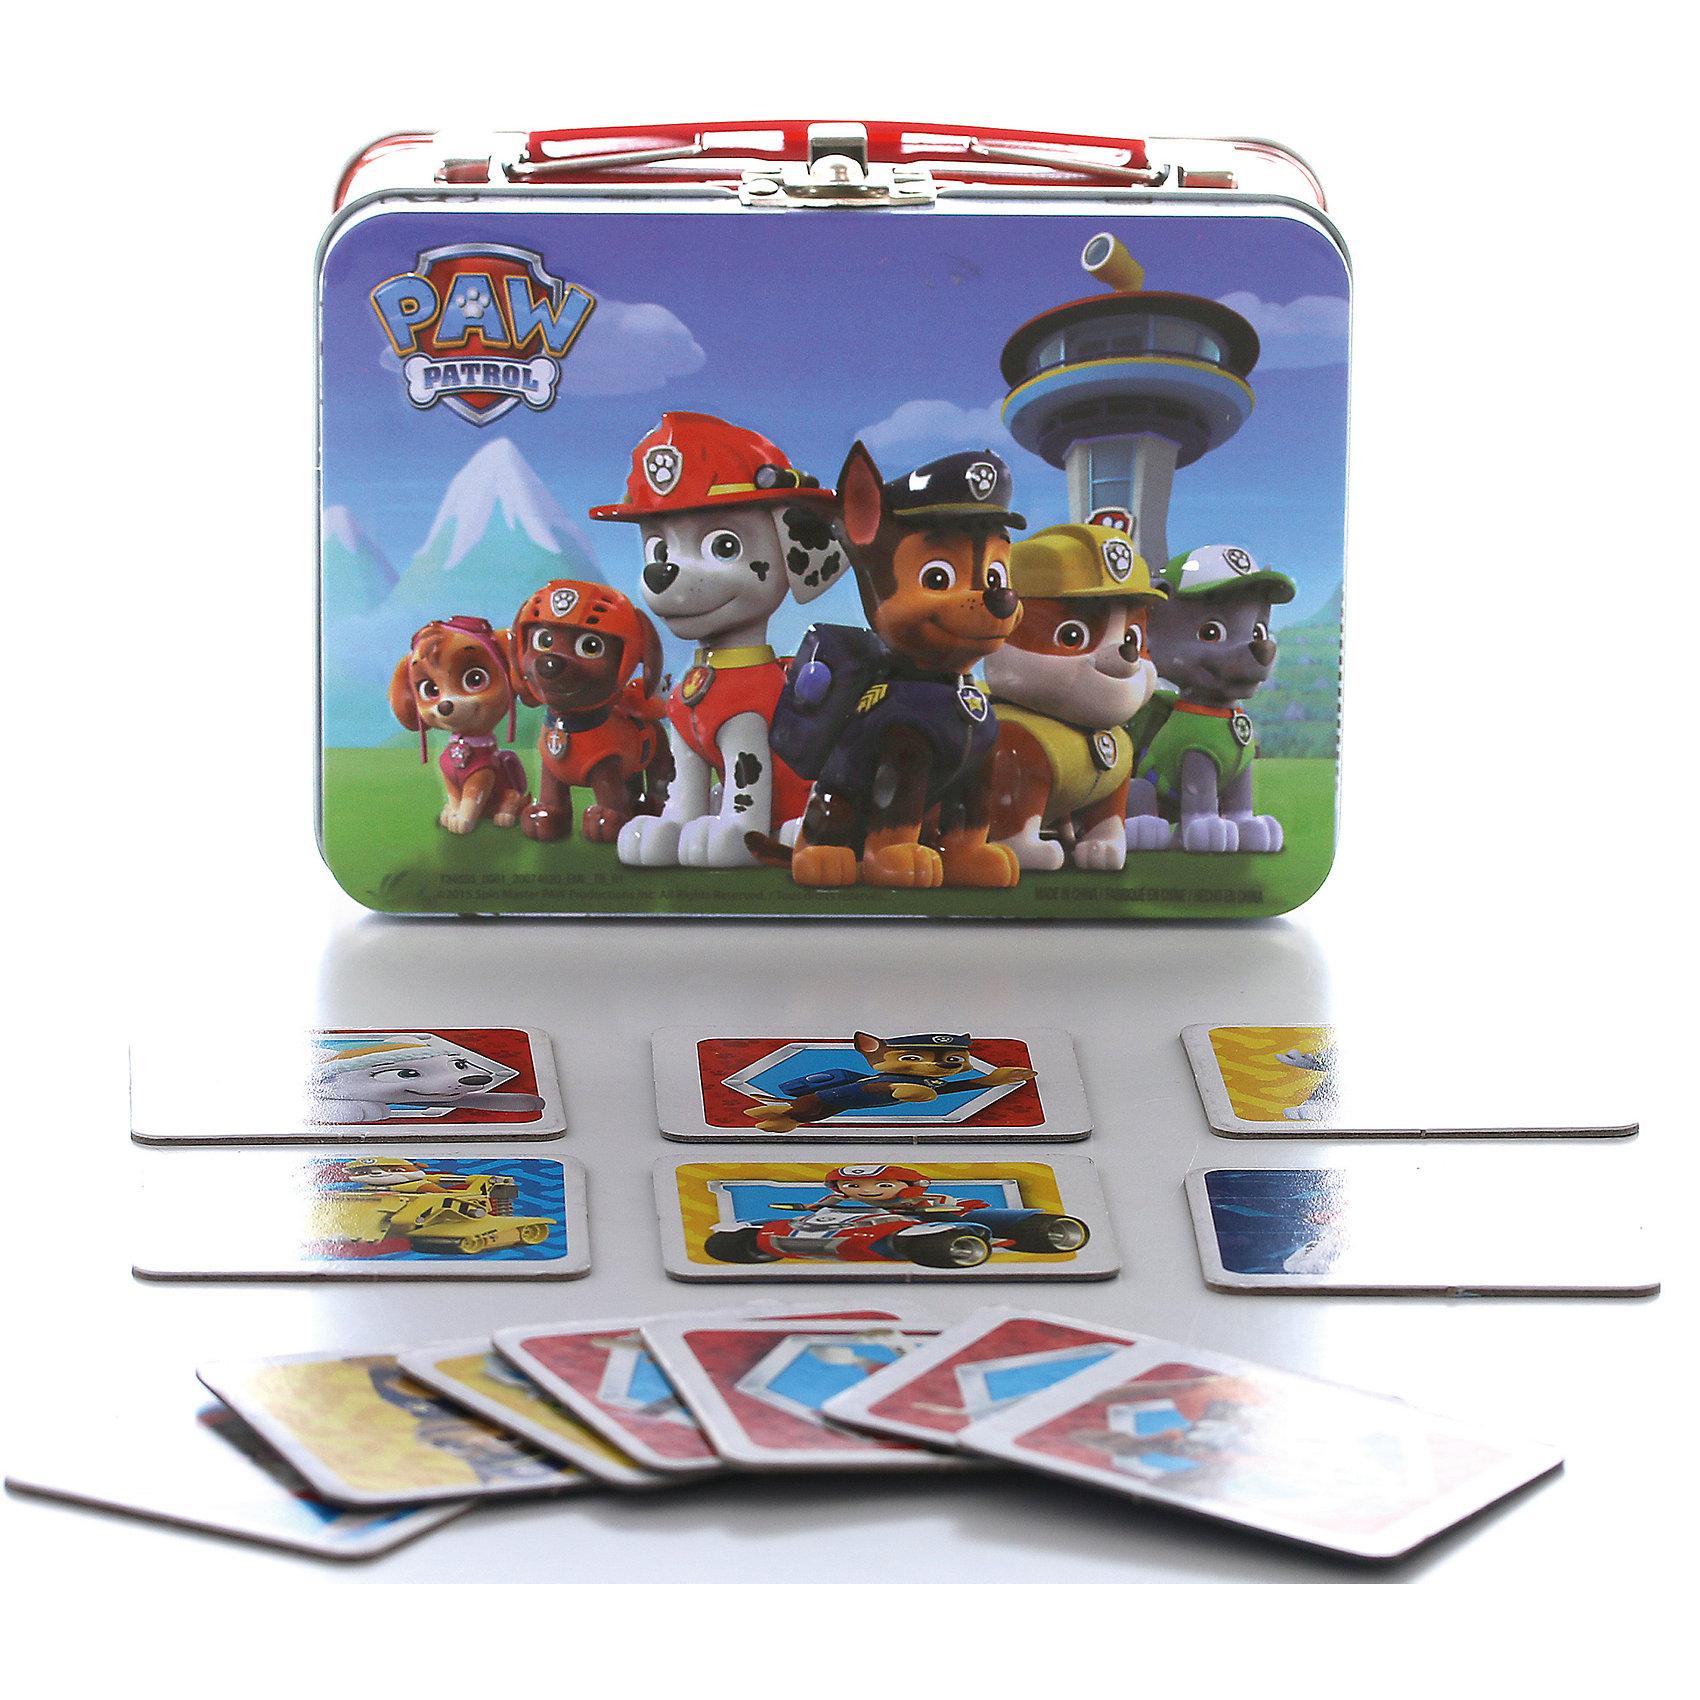 Настольная игра Мемори, Щенячий Патруль, 72 карточки, Spin MasterТренируем память<br>Мемори - прекрасная настольная игра для Вашего ребенка! Игра состоит из 72 карточек на которых изображены герои мультфильма. Смысл игры: нужное количество парных карточек разложить на столе в случайном порядке рубашкой вверх. Игрокам нужно по очереди открывать по две карточки, если при этом он открывает одинаковые изображения, то забирает карточки себе. Если же открылись разные, игроки запоминают их расположение и переворачивают обратно рубашкой вверх. Цель игры - найти как можно больше пар. Игра очень увлекательна и в то же время полезна тем, что способствует развитию памяти у малыша.<br><br>Дополнительная информация:<br><br>- Возраст: от 3 лет.<br>- В наборе 72 карточки.<br>- Материал: картон.<br>- Размер упаковки: 14х7х11 см.<br>- Вес в упаковке: 250 г.<br><br>Купить настольную игру Мемори 72 карточки Щенячий Патруль, можно в нашем магазине.<br><br>Ширина мм: 145<br>Глубина мм: 70<br>Высота мм: 130<br>Вес г: 388<br>Возраст от месяцев: 36<br>Возраст до месяцев: 84<br>Пол: Унисекс<br>Возраст: Детский<br>SKU: 4929078